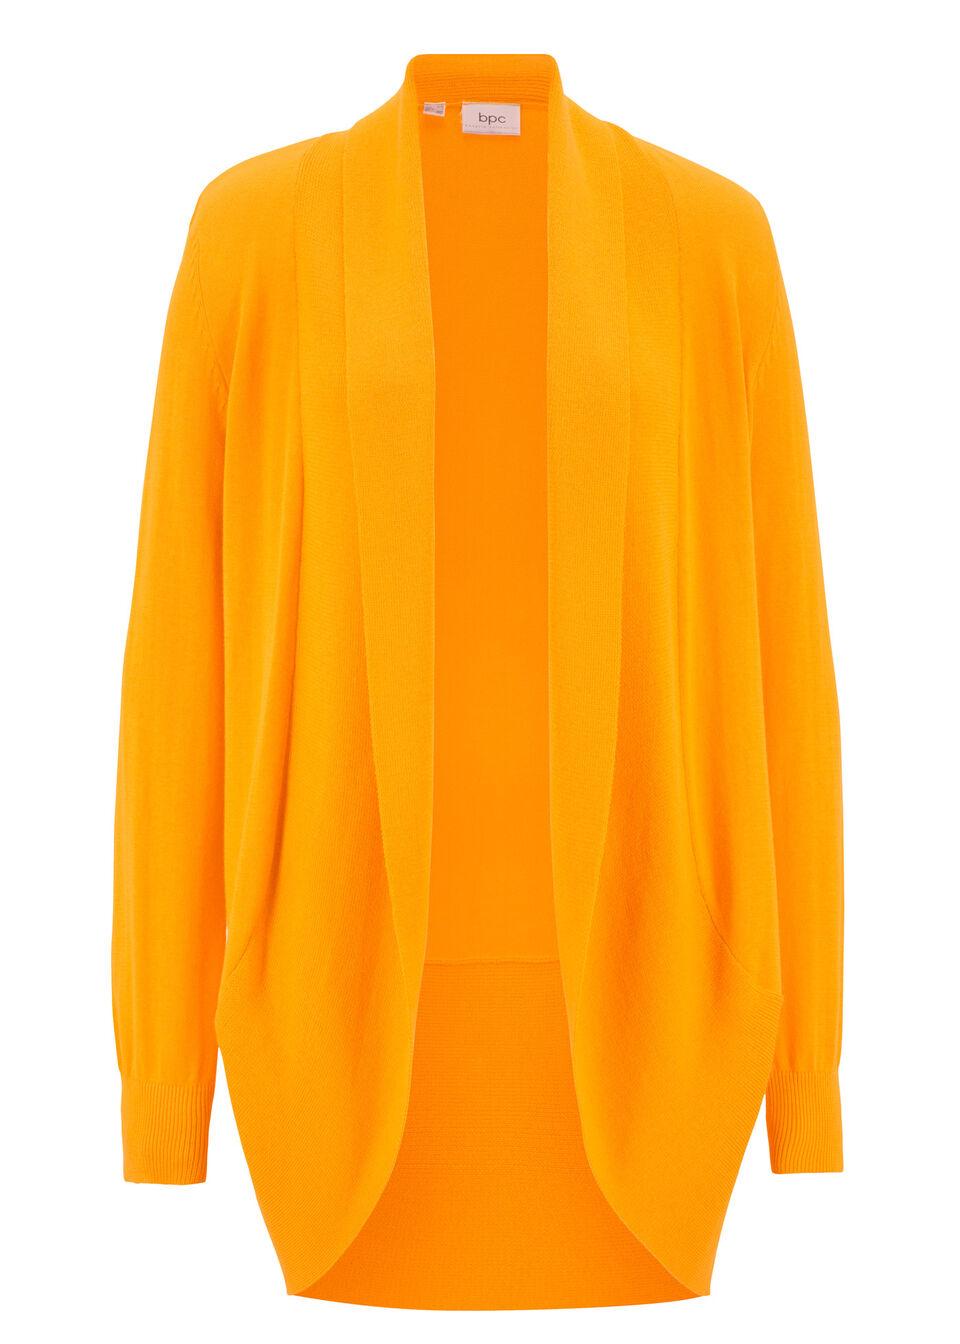 Фото - Кардиган с длинным рукавом от bonprix желто-оранжевого цвета